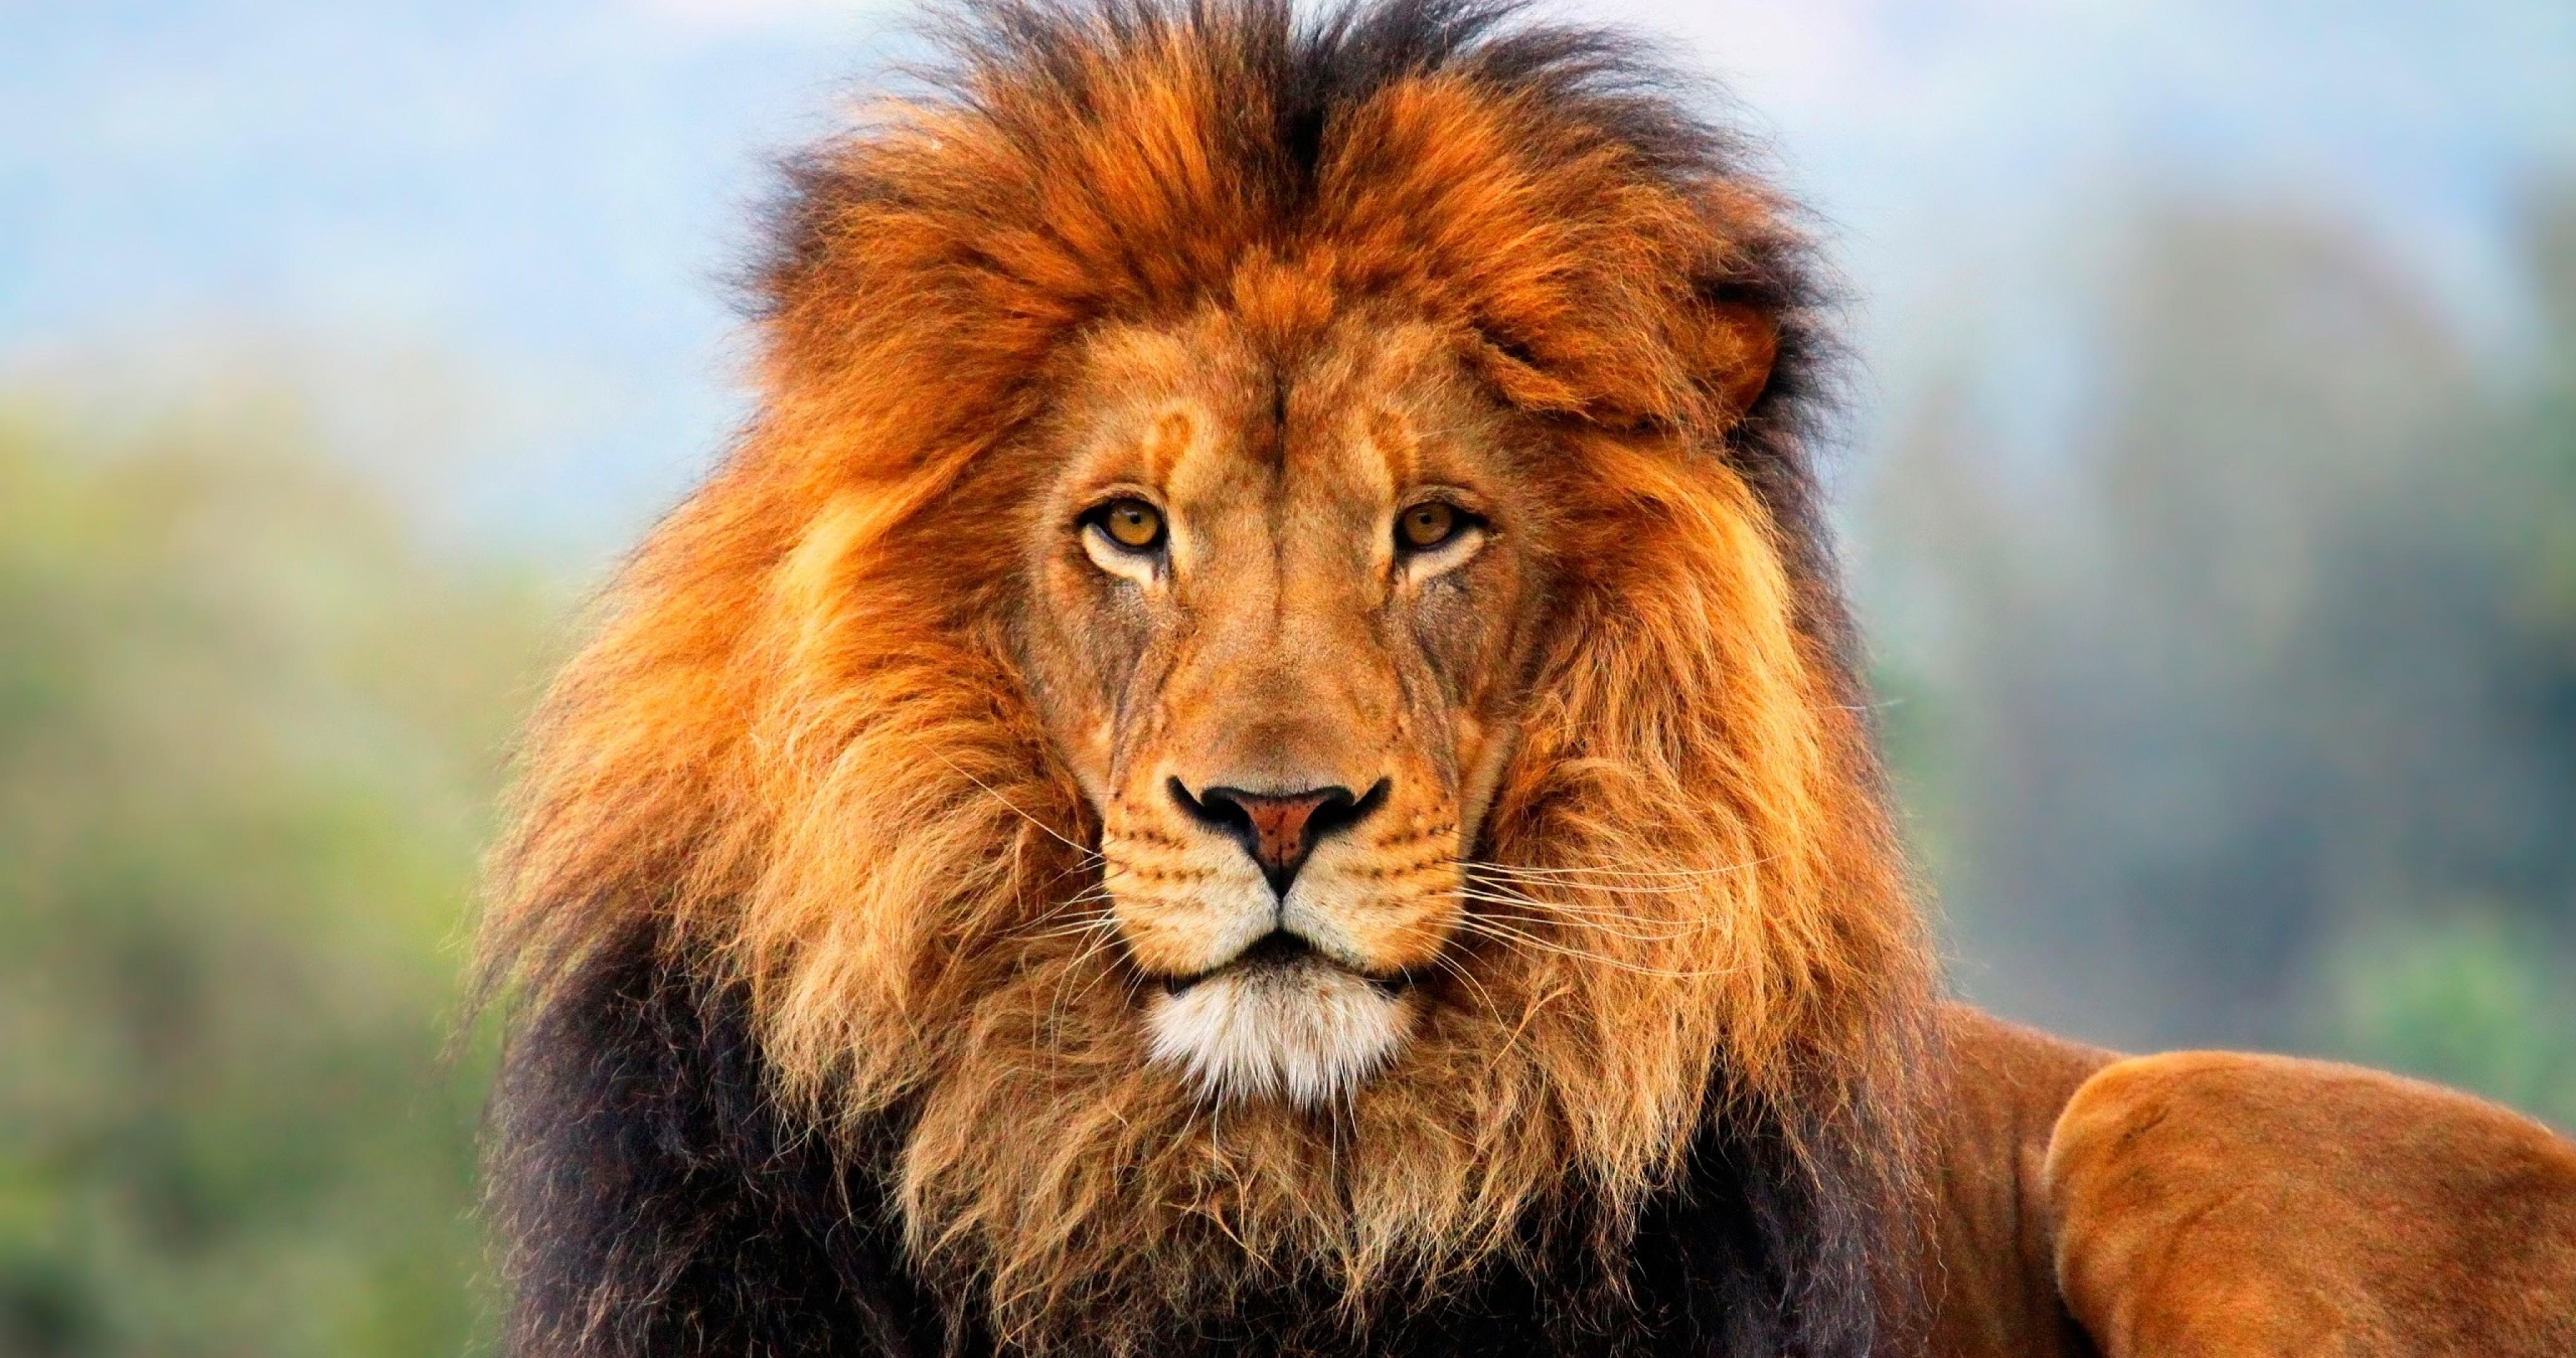 La caza del león pone en jaque a la especie - Radiomacondo